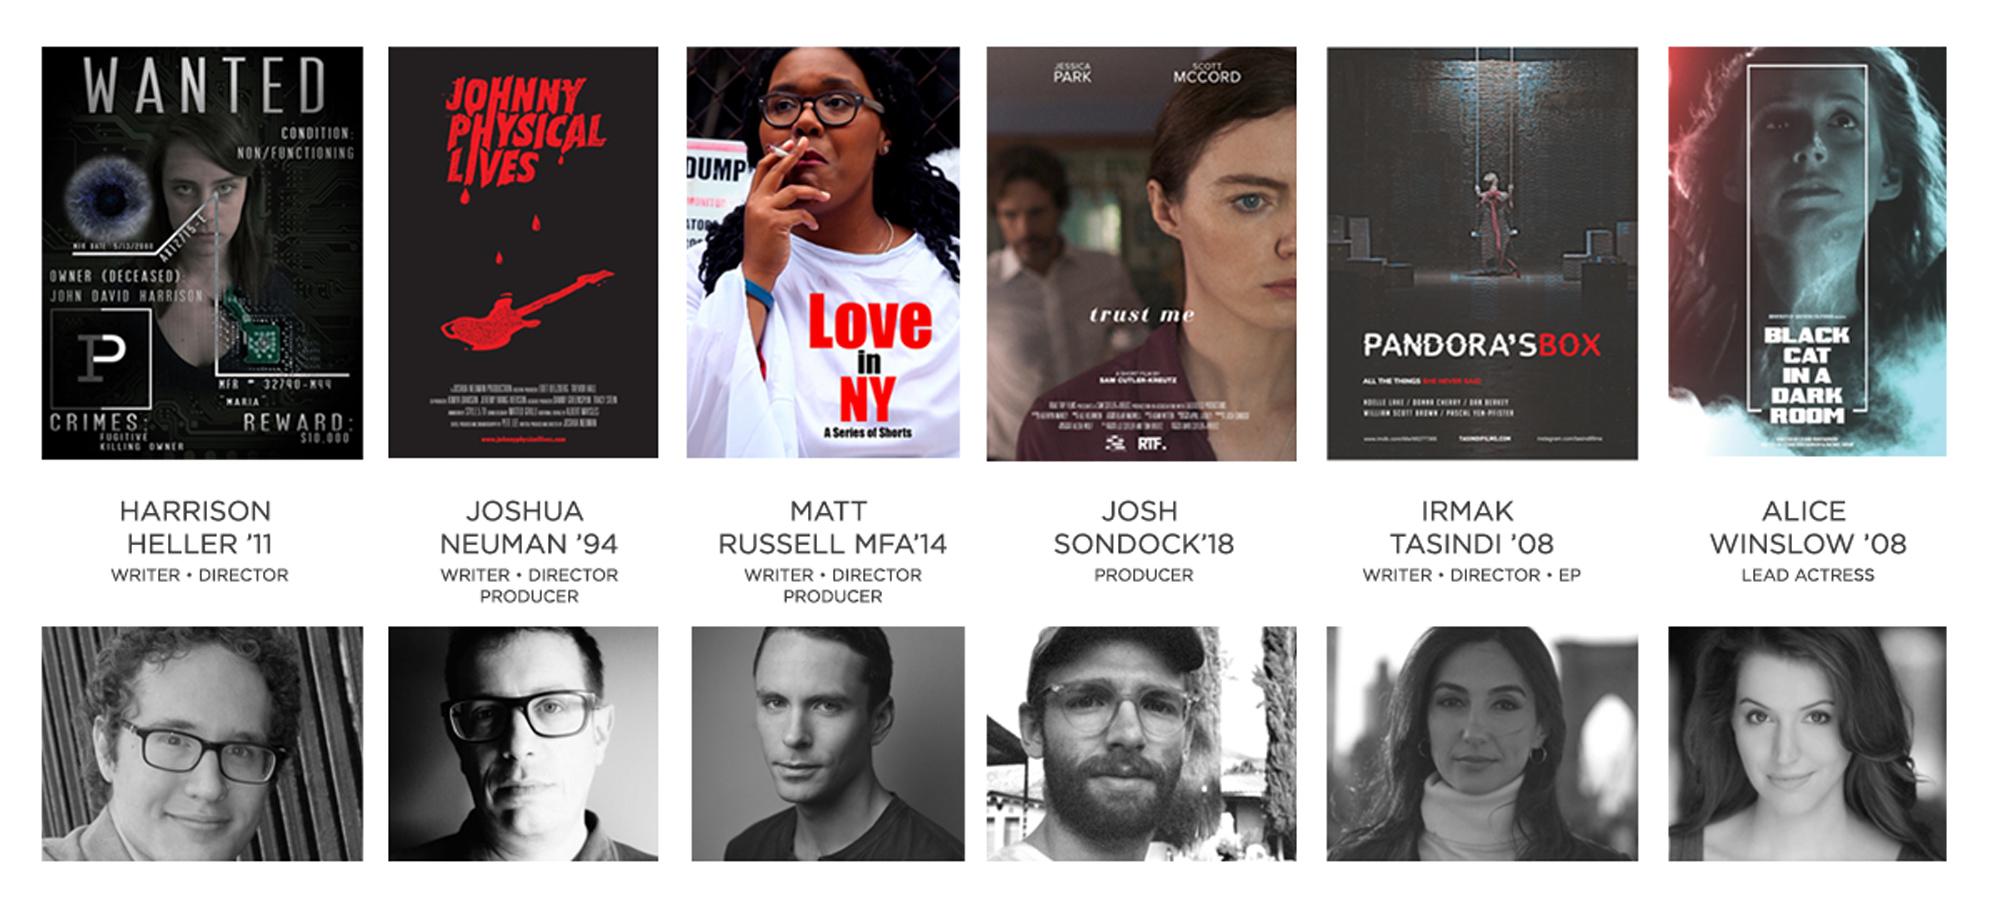 Brown Media Group Film Festival